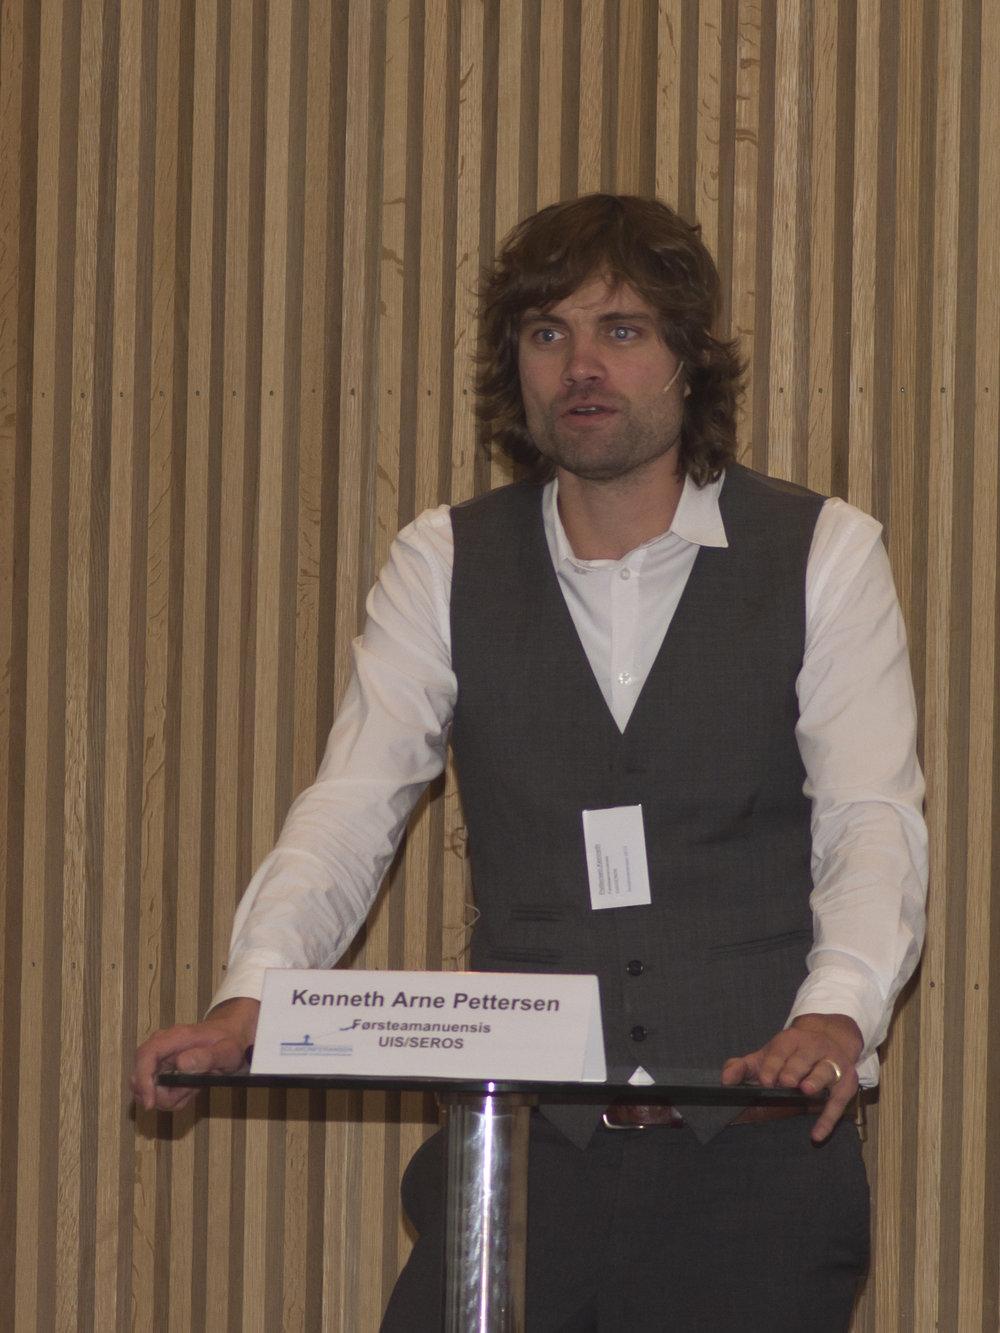 Kenneth Arne Pettersen (1).JPG